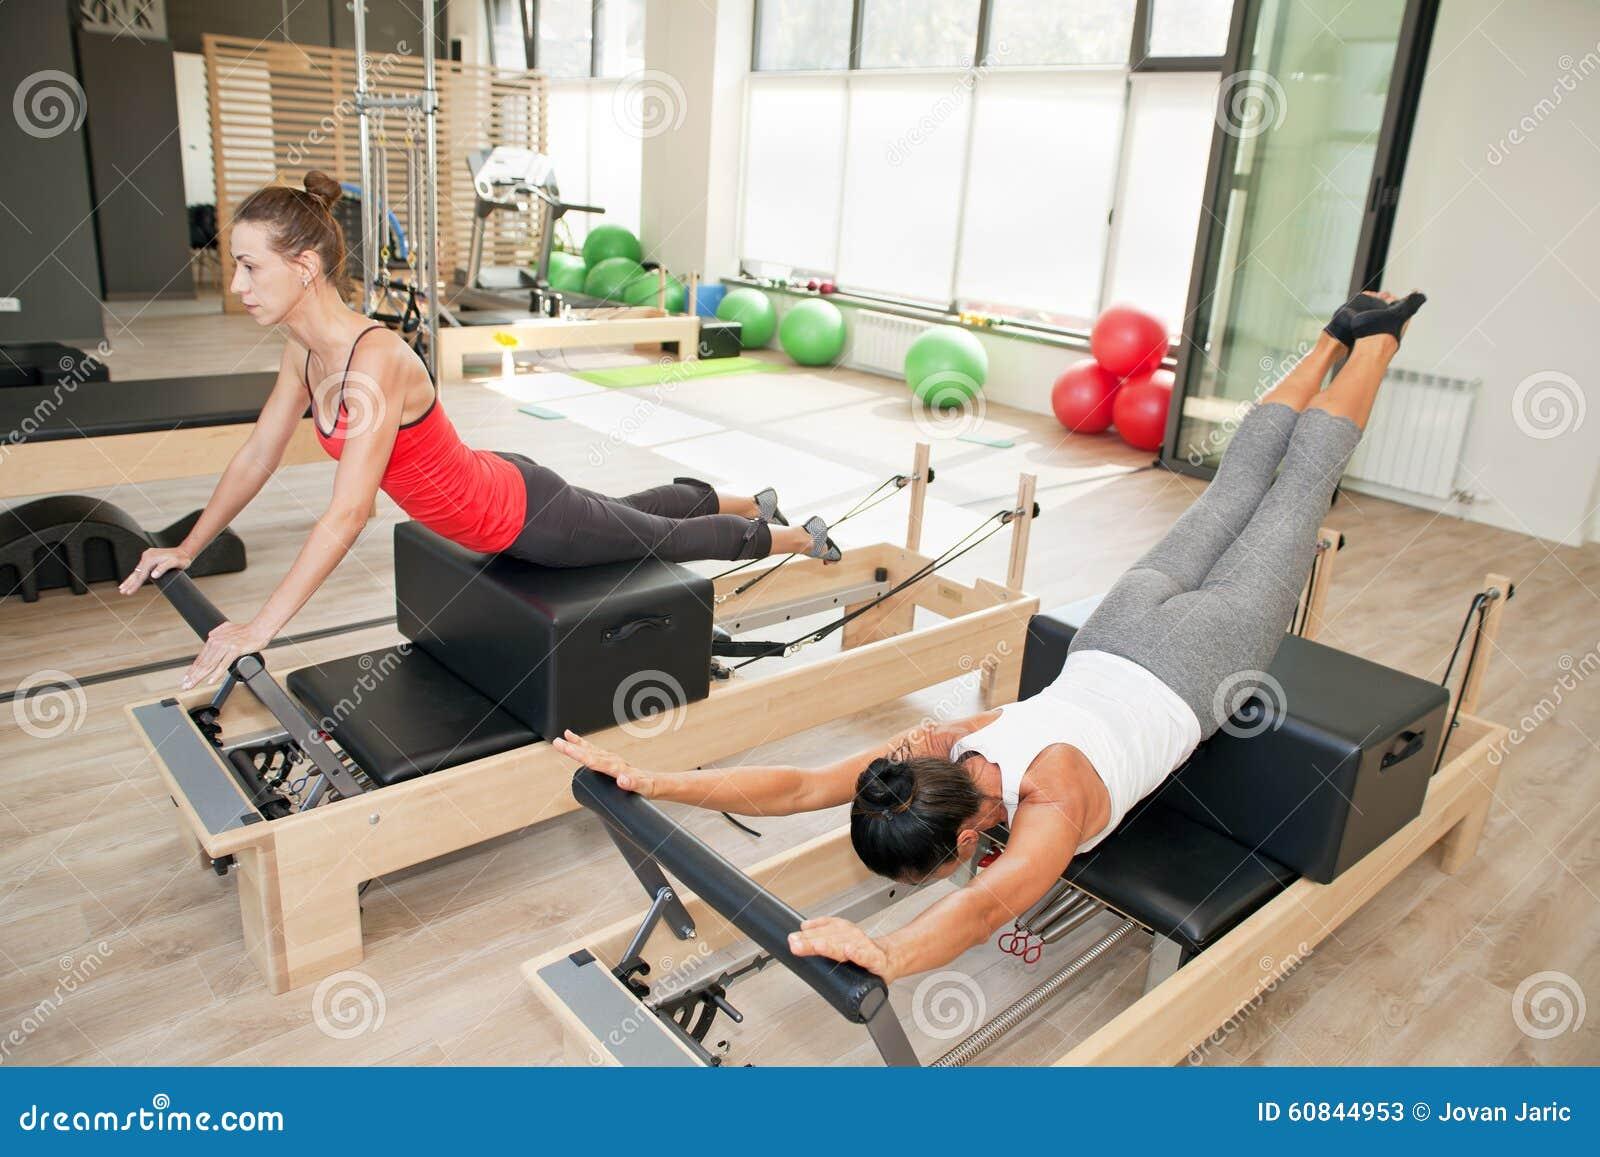 Gimnasio para Pilates imagen de archivo. Imagen de ocio - 60844953